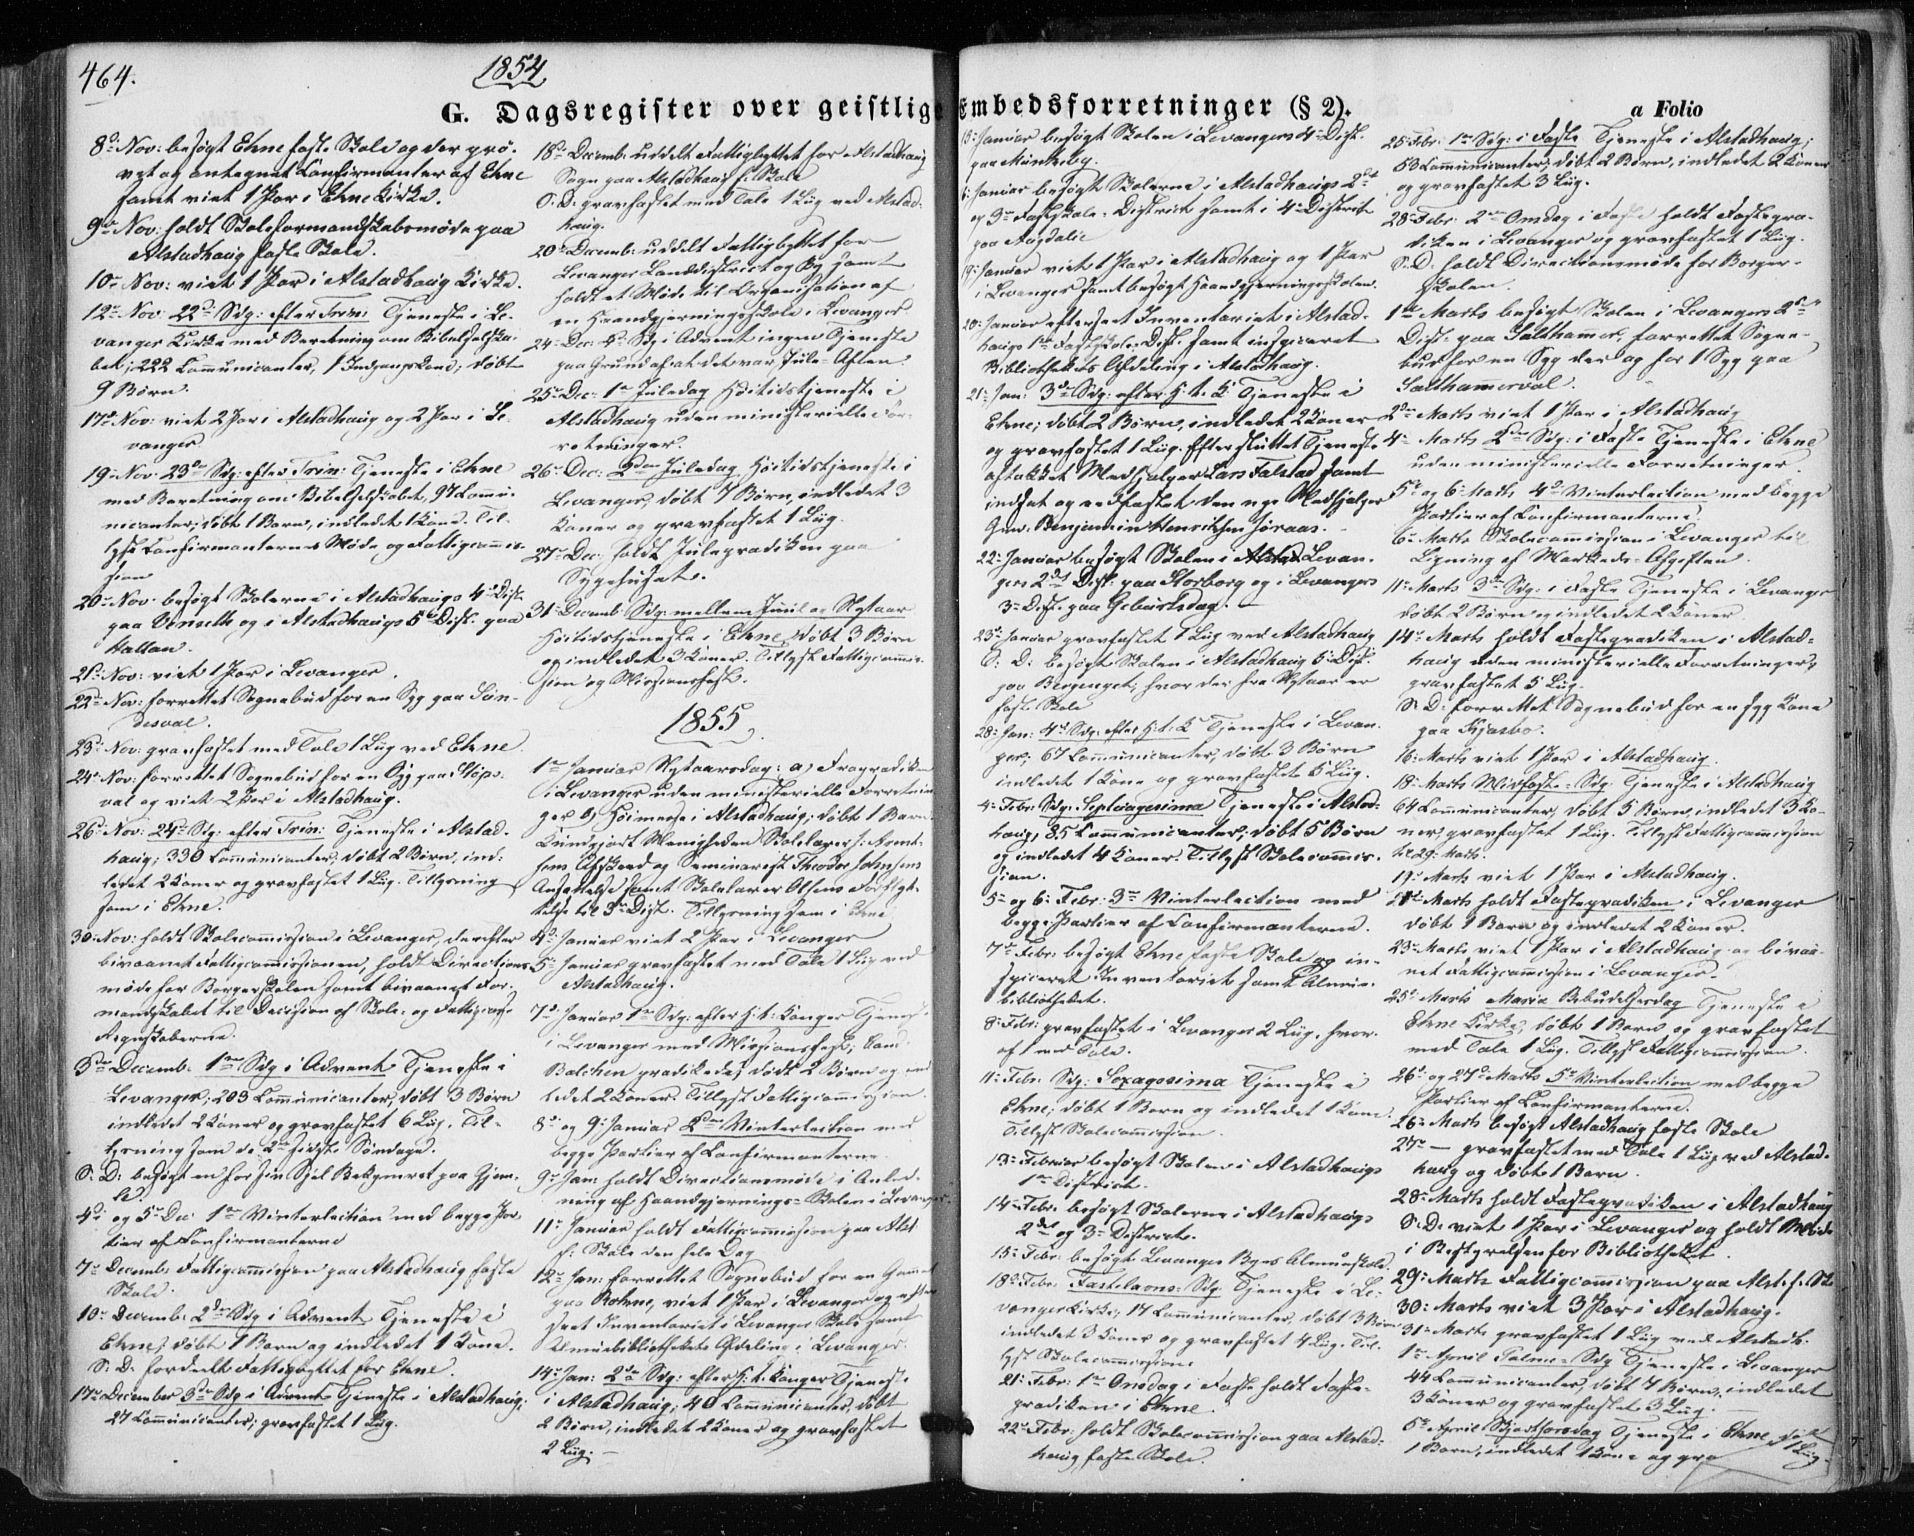 SAT, Ministerialprotokoller, klokkerbøker og fødselsregistre - Nord-Trøndelag, 717/L0154: Ministerialbok nr. 717A07 /1, 1850-1862, s. 464